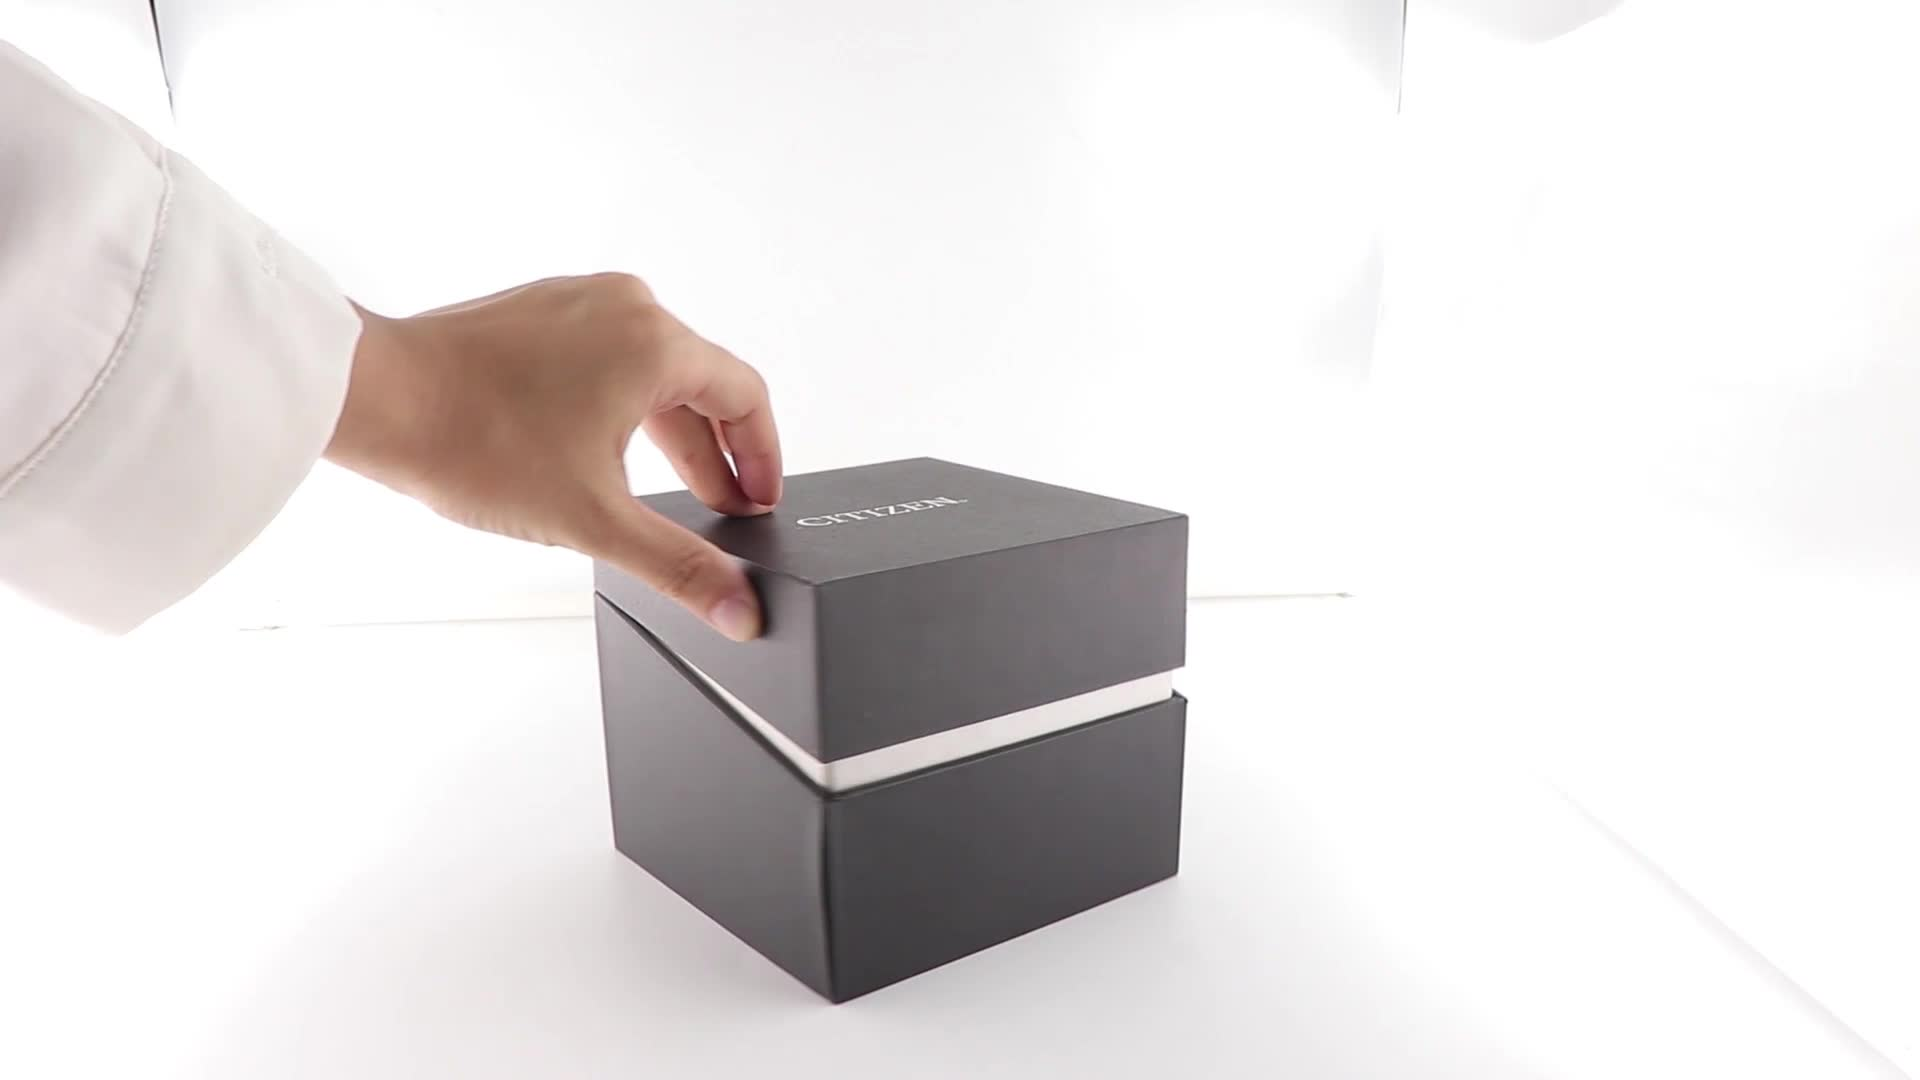 100 米ドル取得クーポン高品質ロゴプリント高級カスタマイズされた紙腕時計のギフト包装ボックス